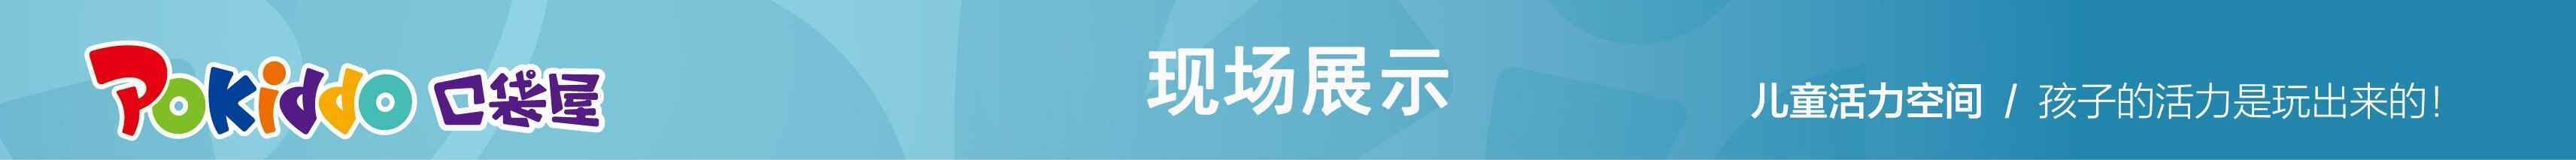 口袋屋浙江蹦床.jpg